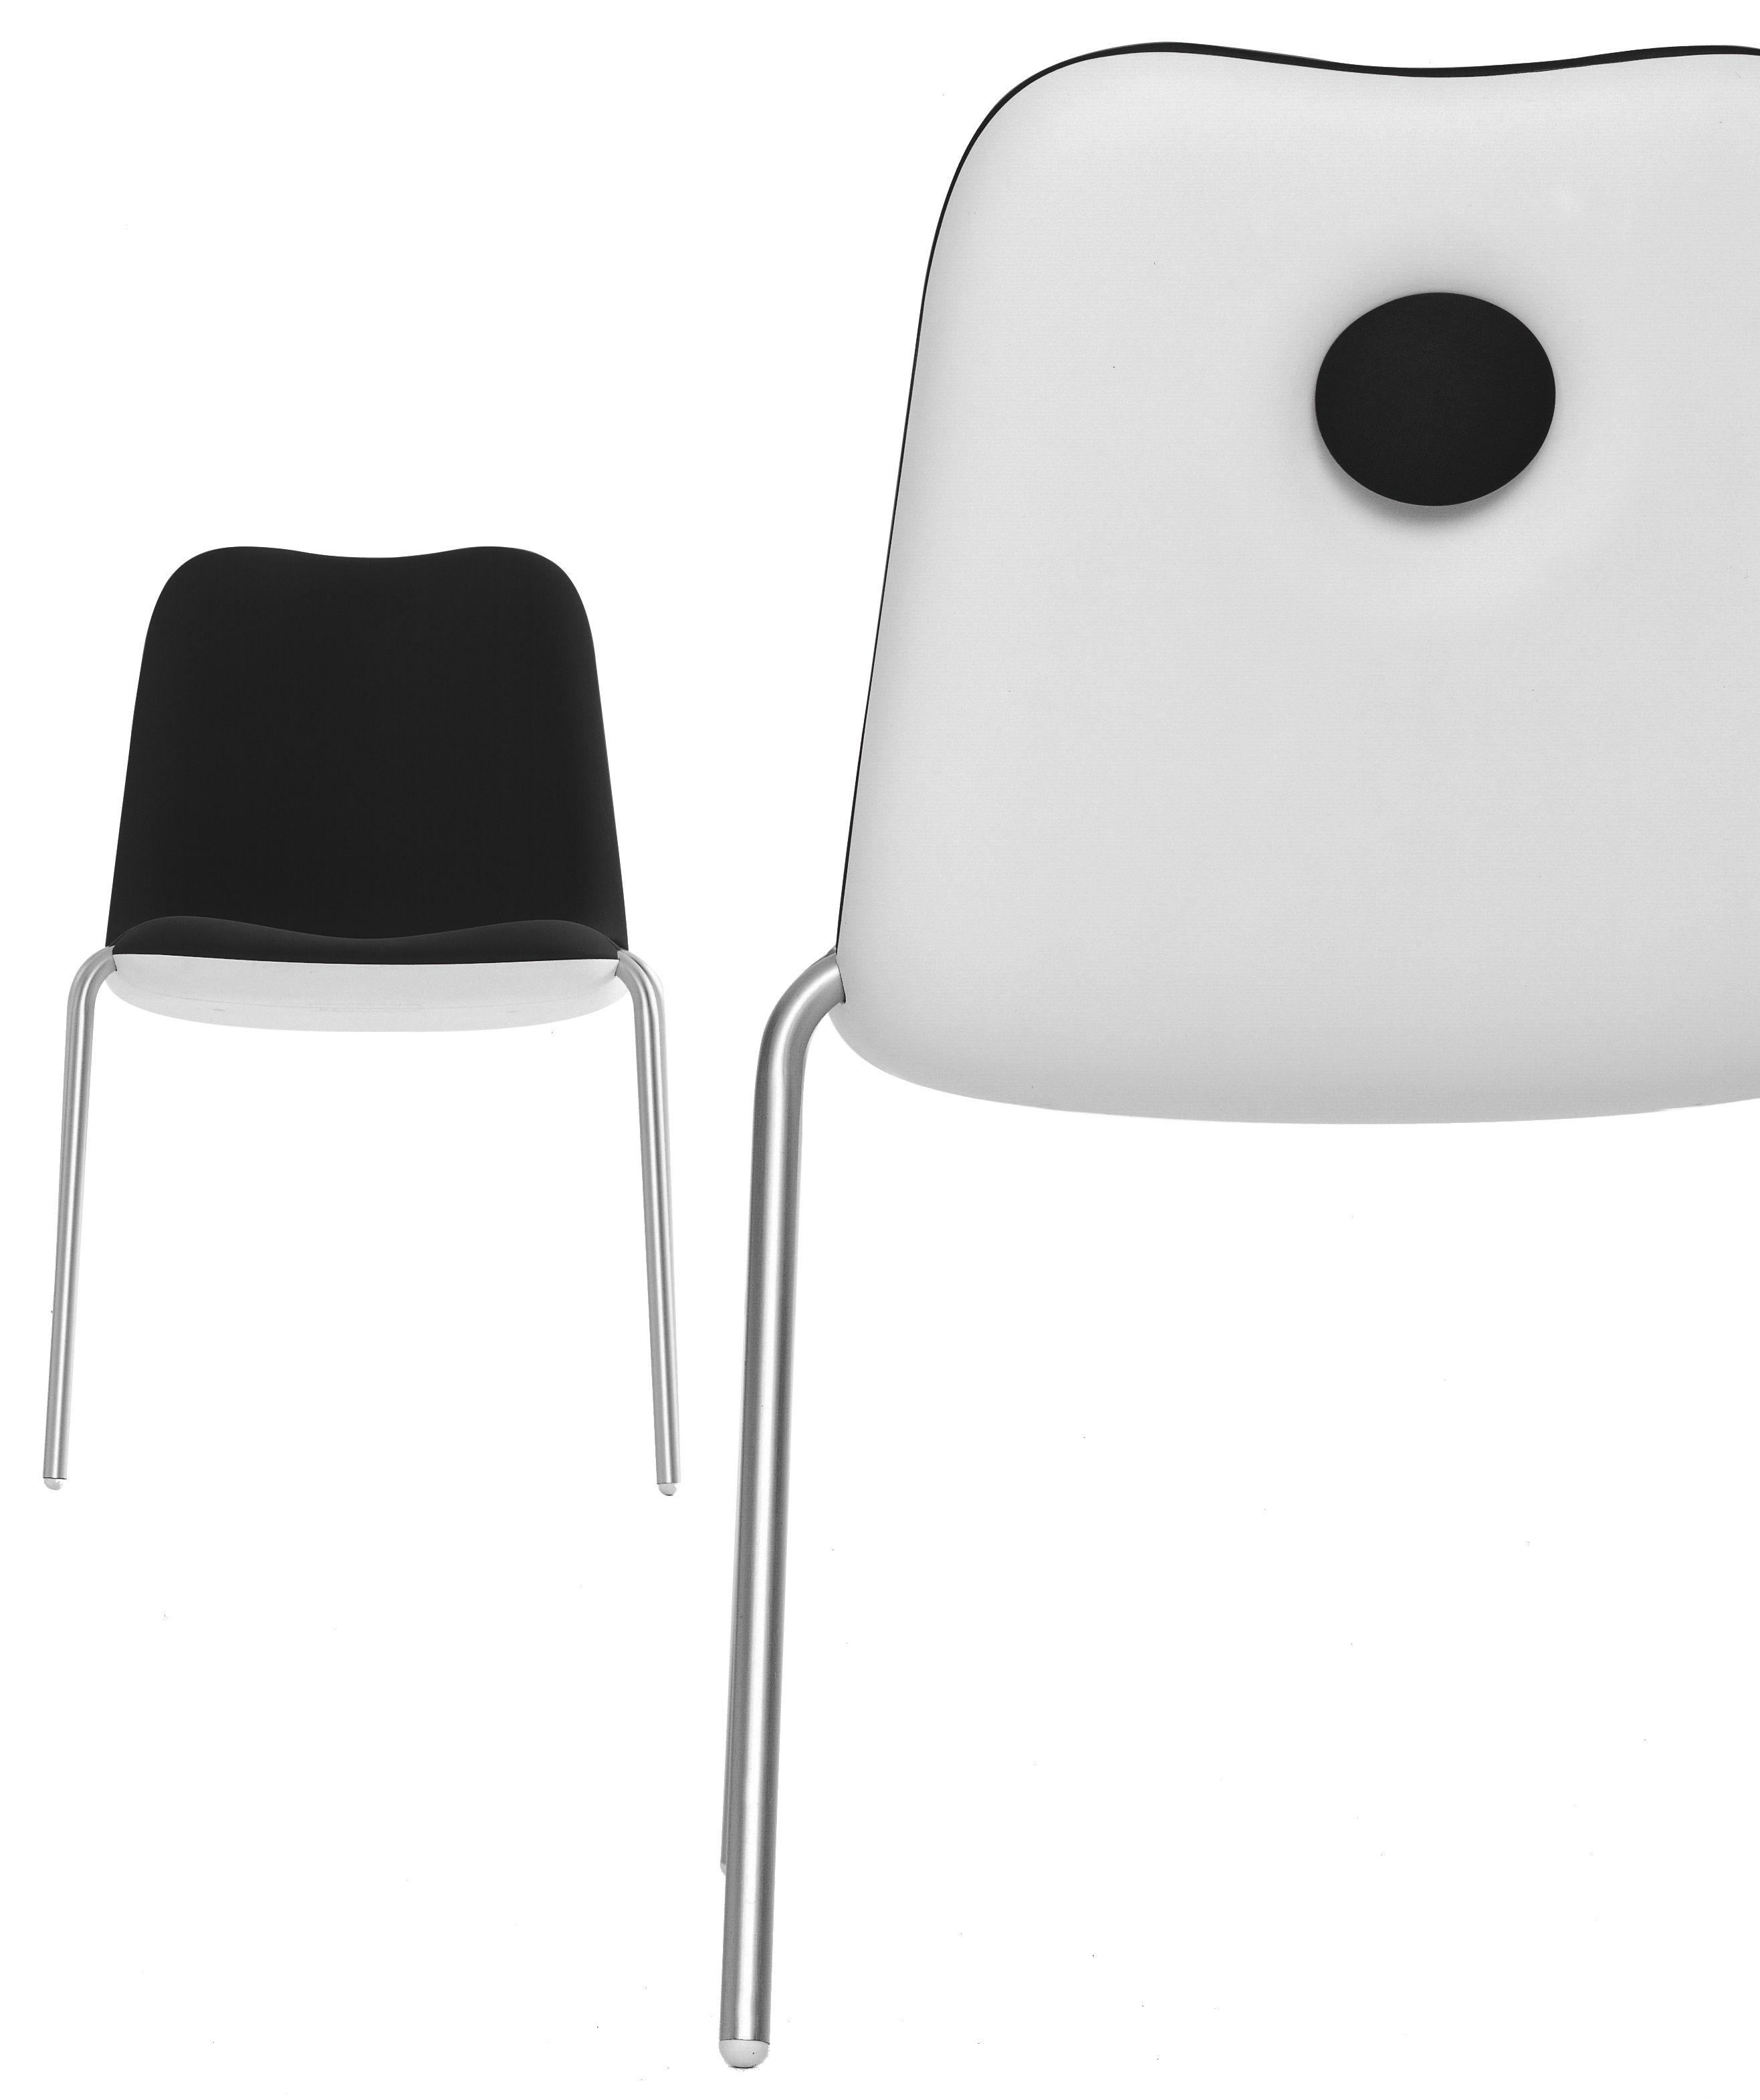 Möbel - Stühle  - Boum Gepolsterter Stuhl - Kristalia - schwarz - eloxiertes Aluminium, Gewebe, Polypropylen